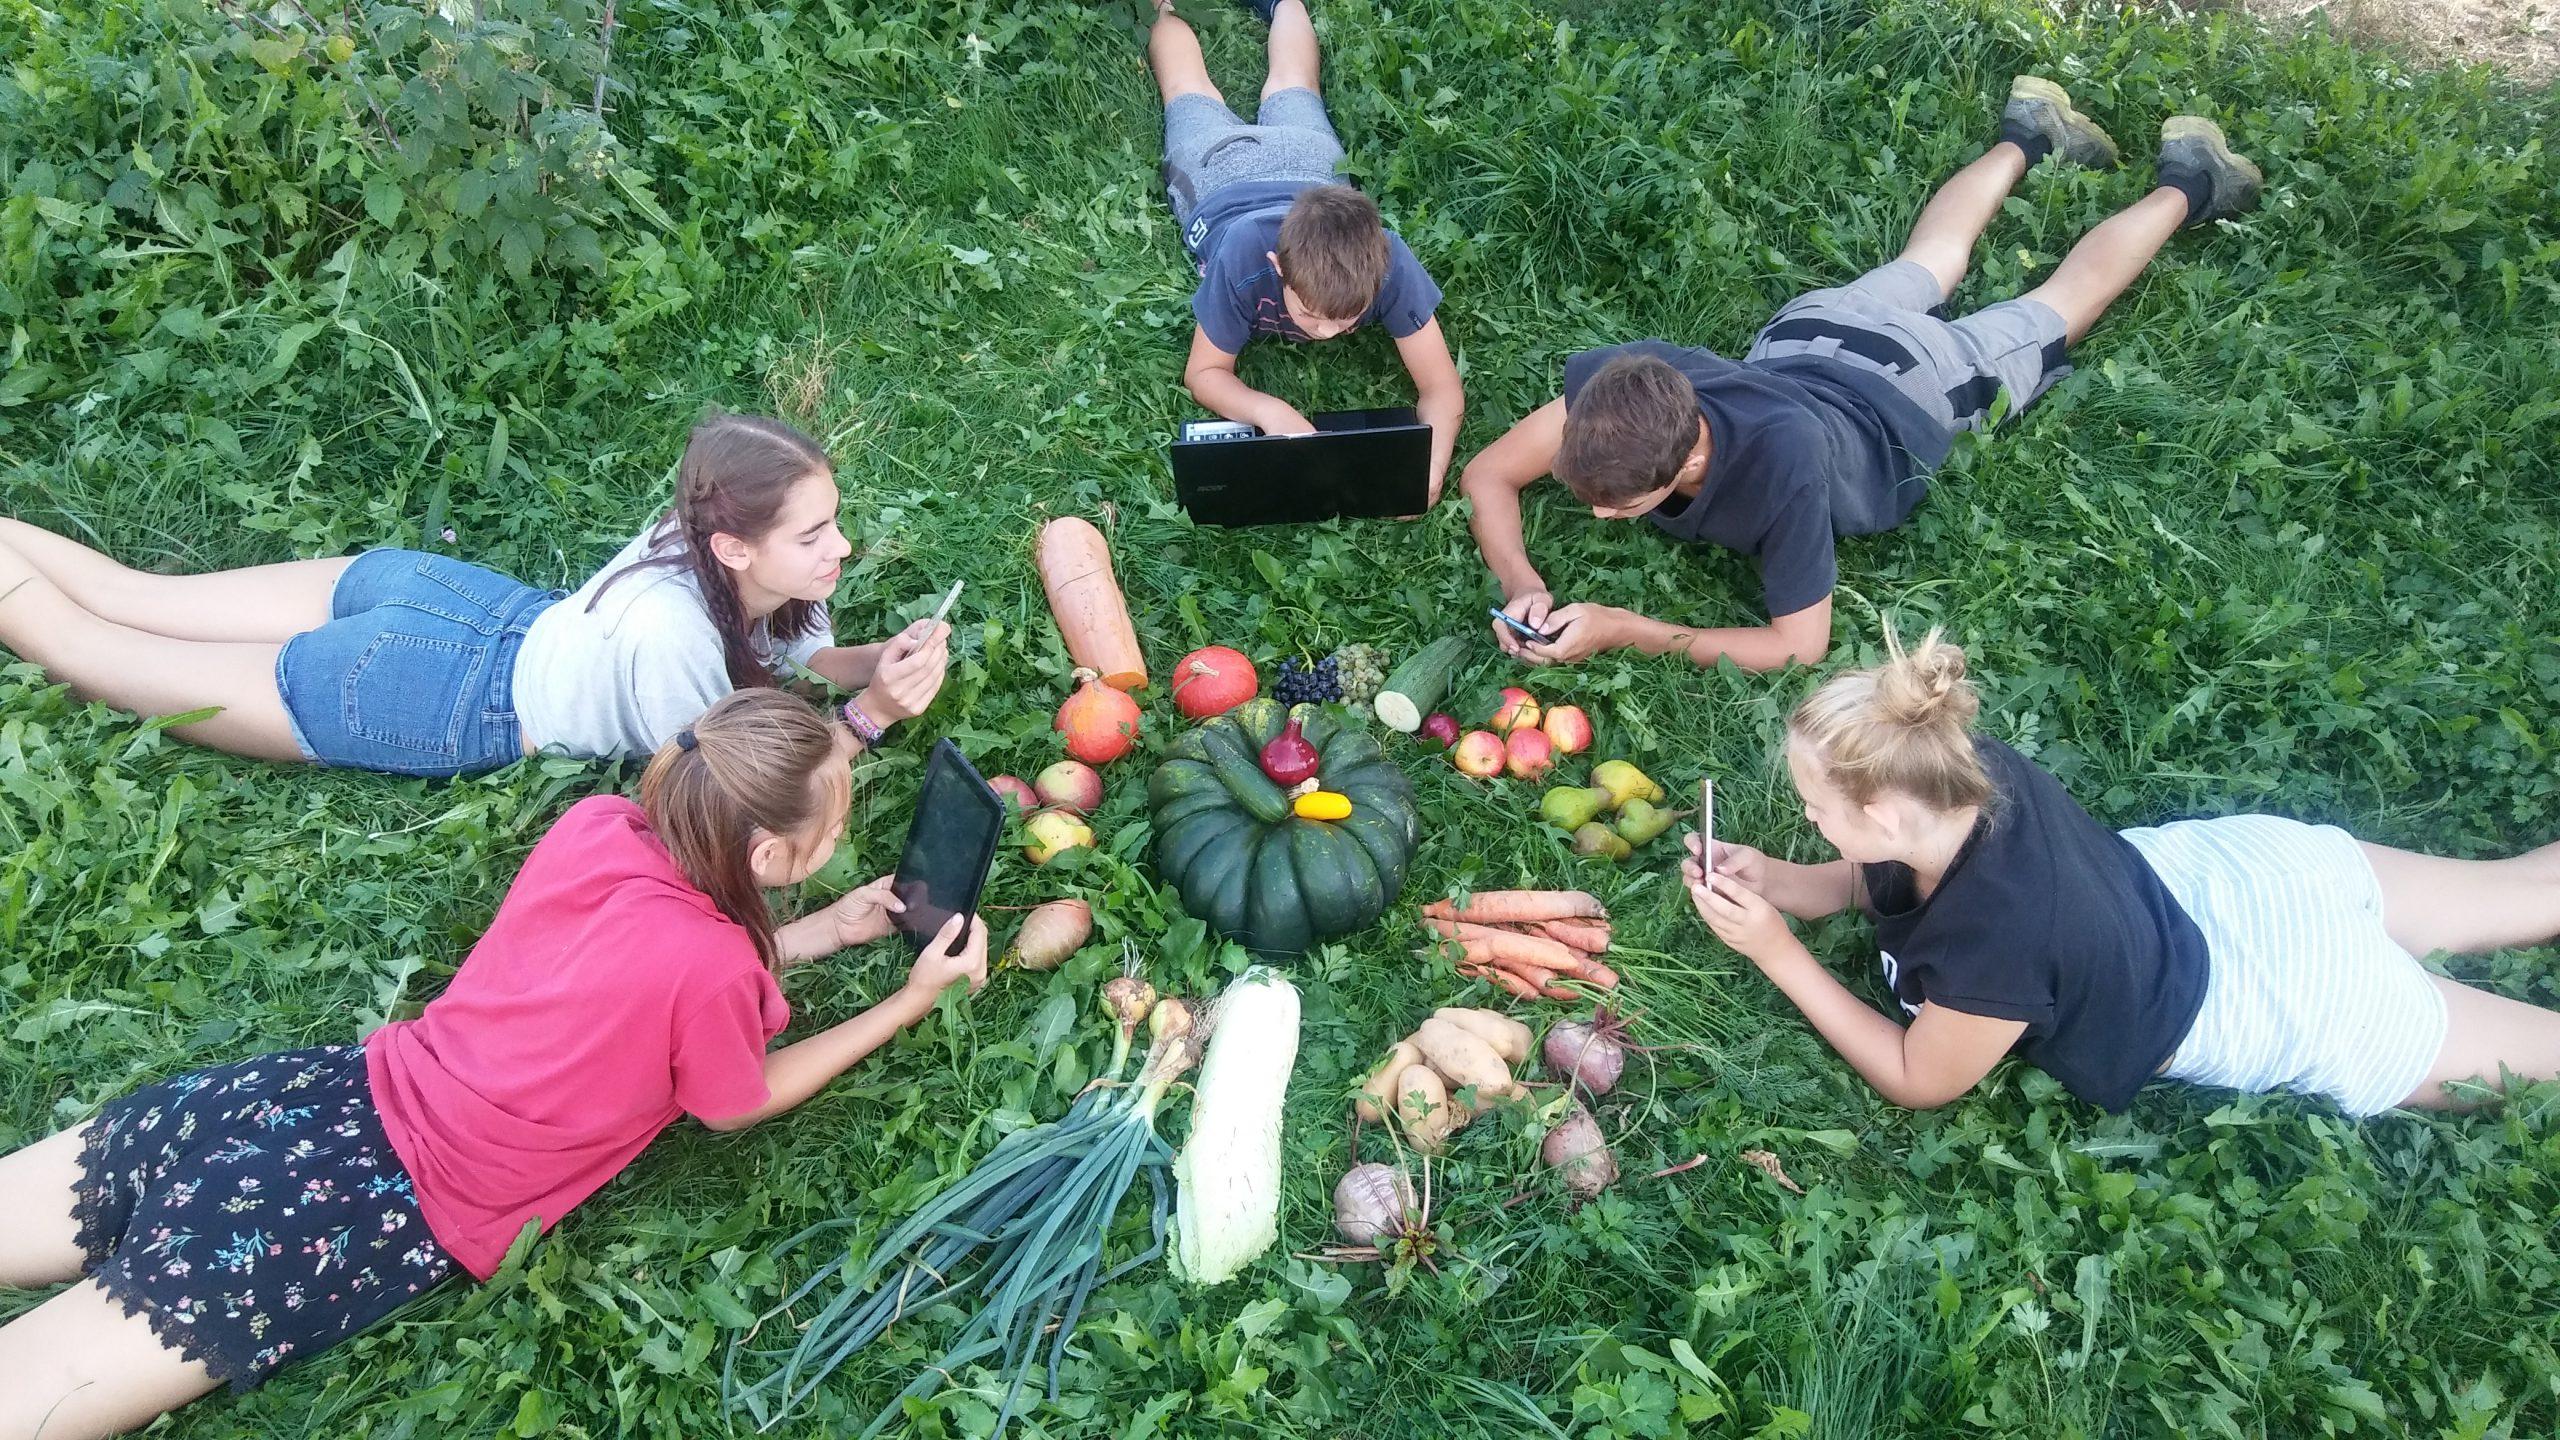 Kinder liegen in der Wiese mit Gemüse und Laptop. Schule am Bauernhof